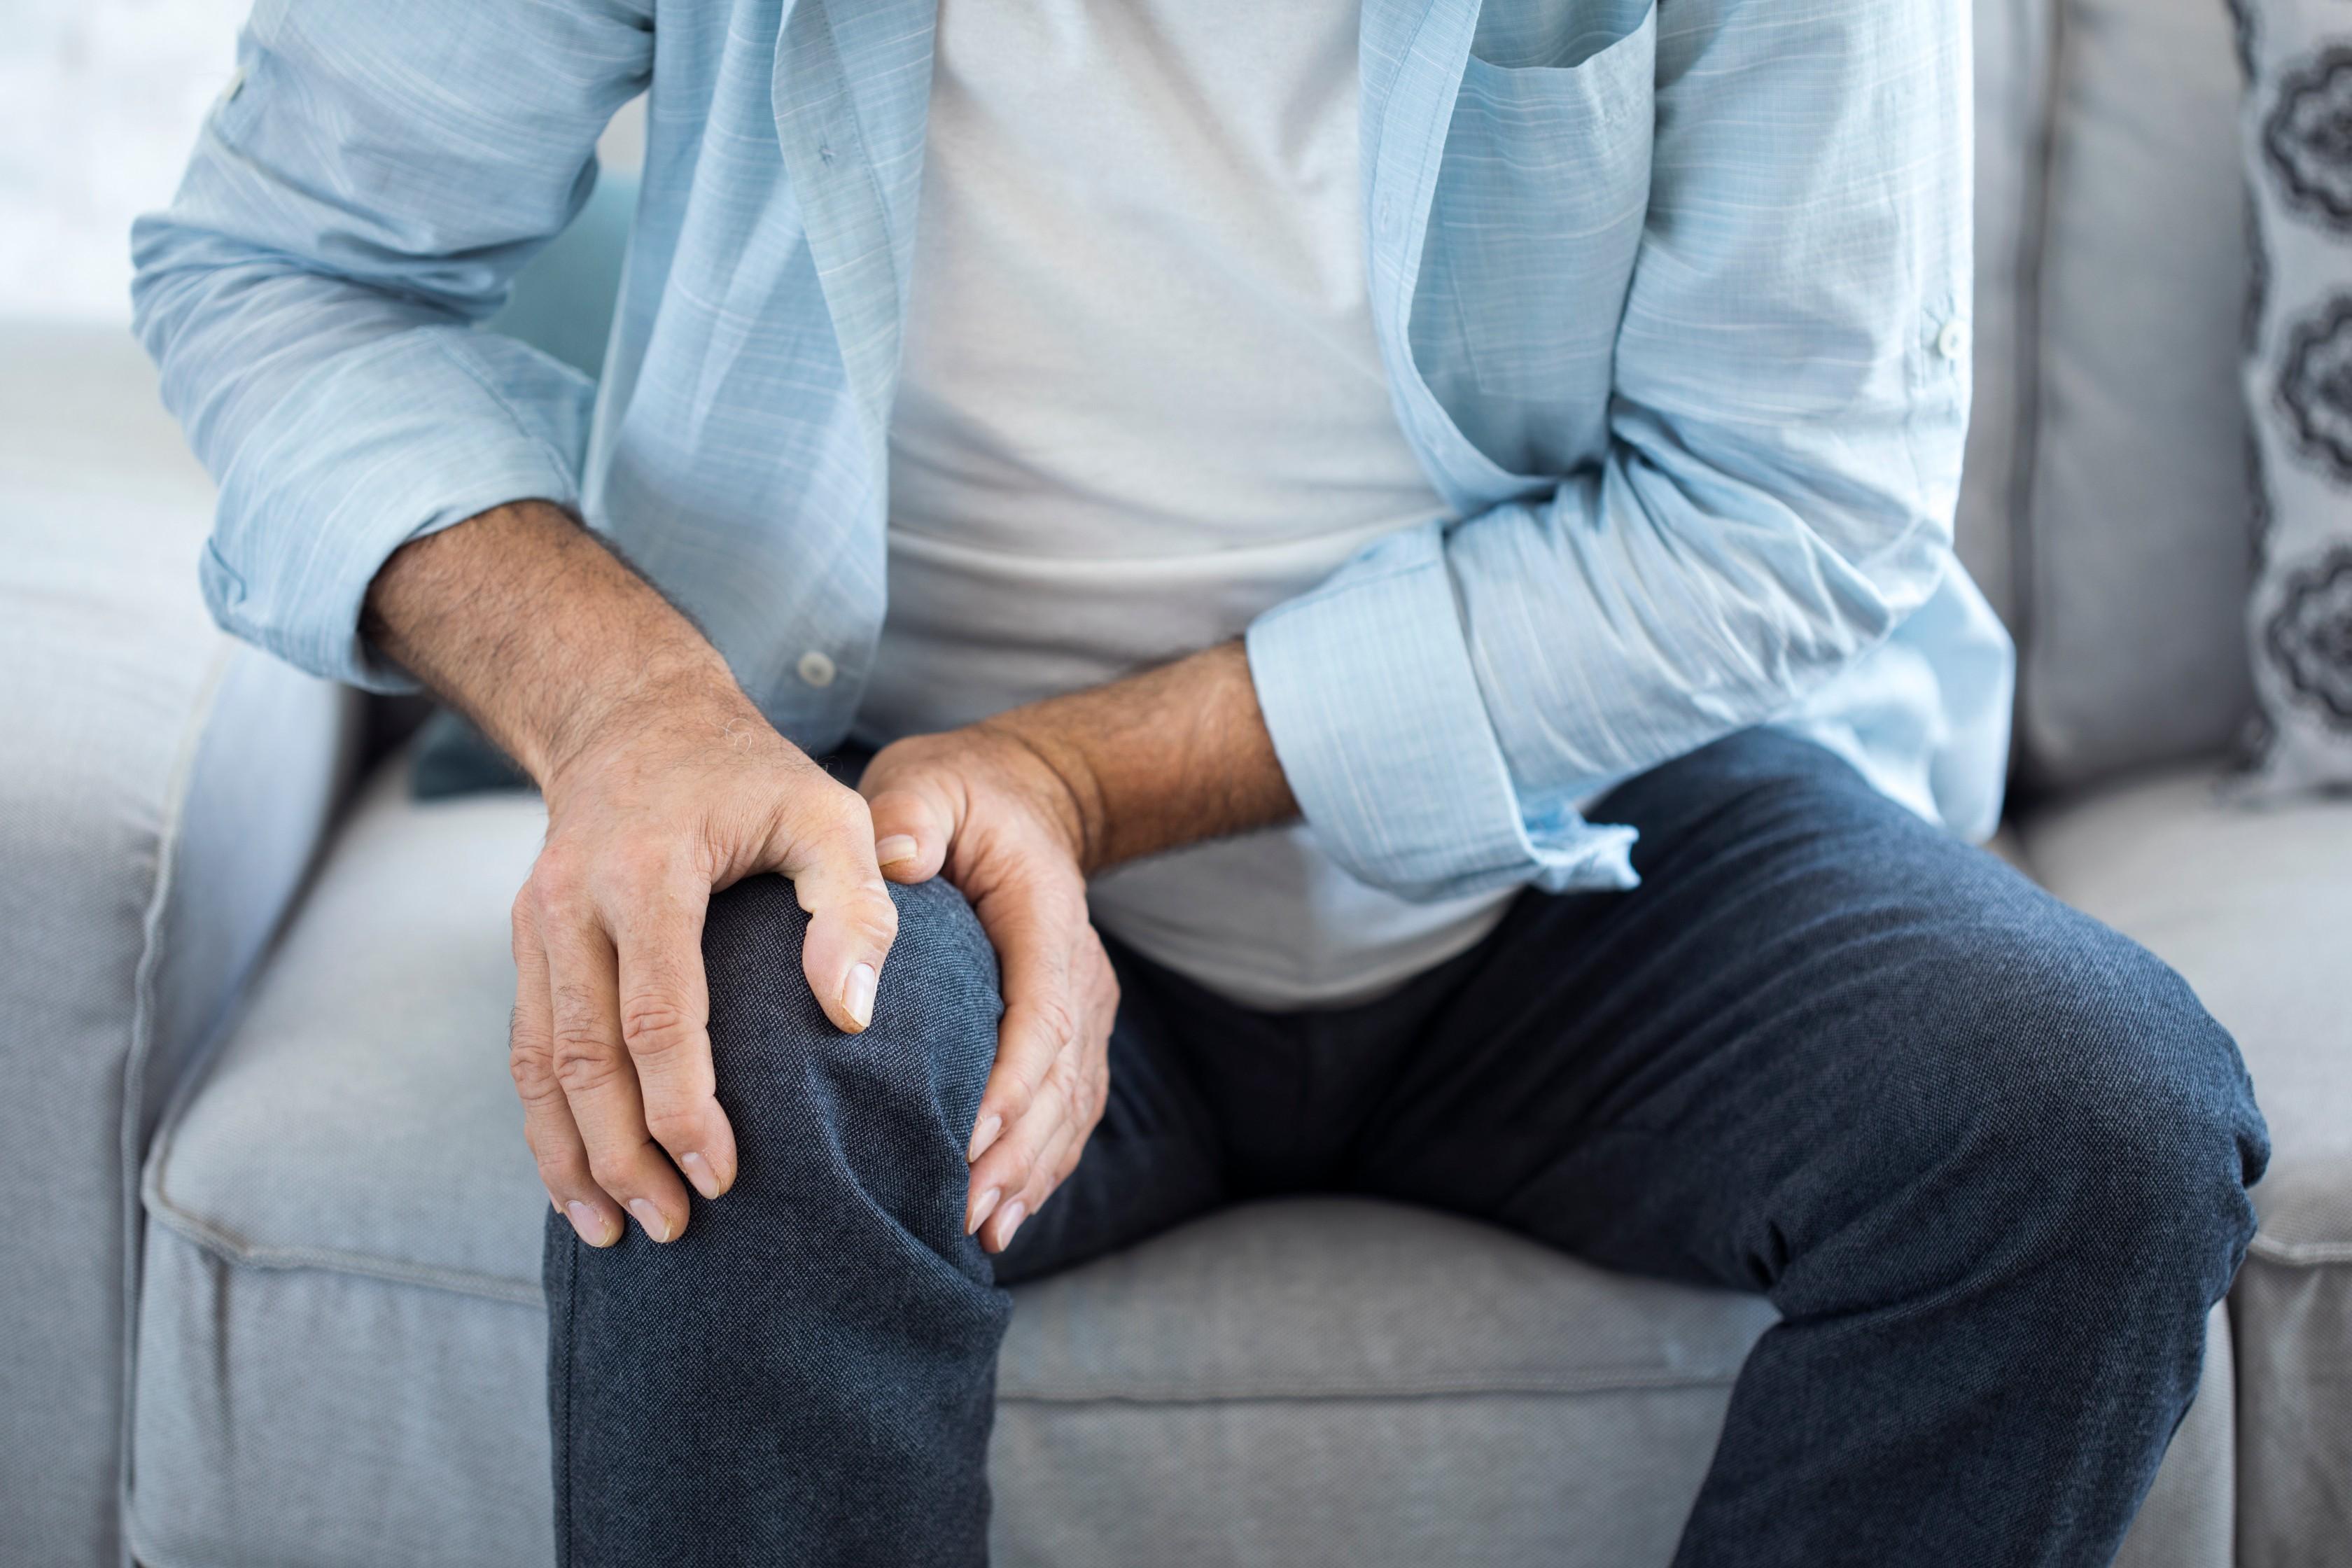 ízületek fájnak az ureaplasma miatt